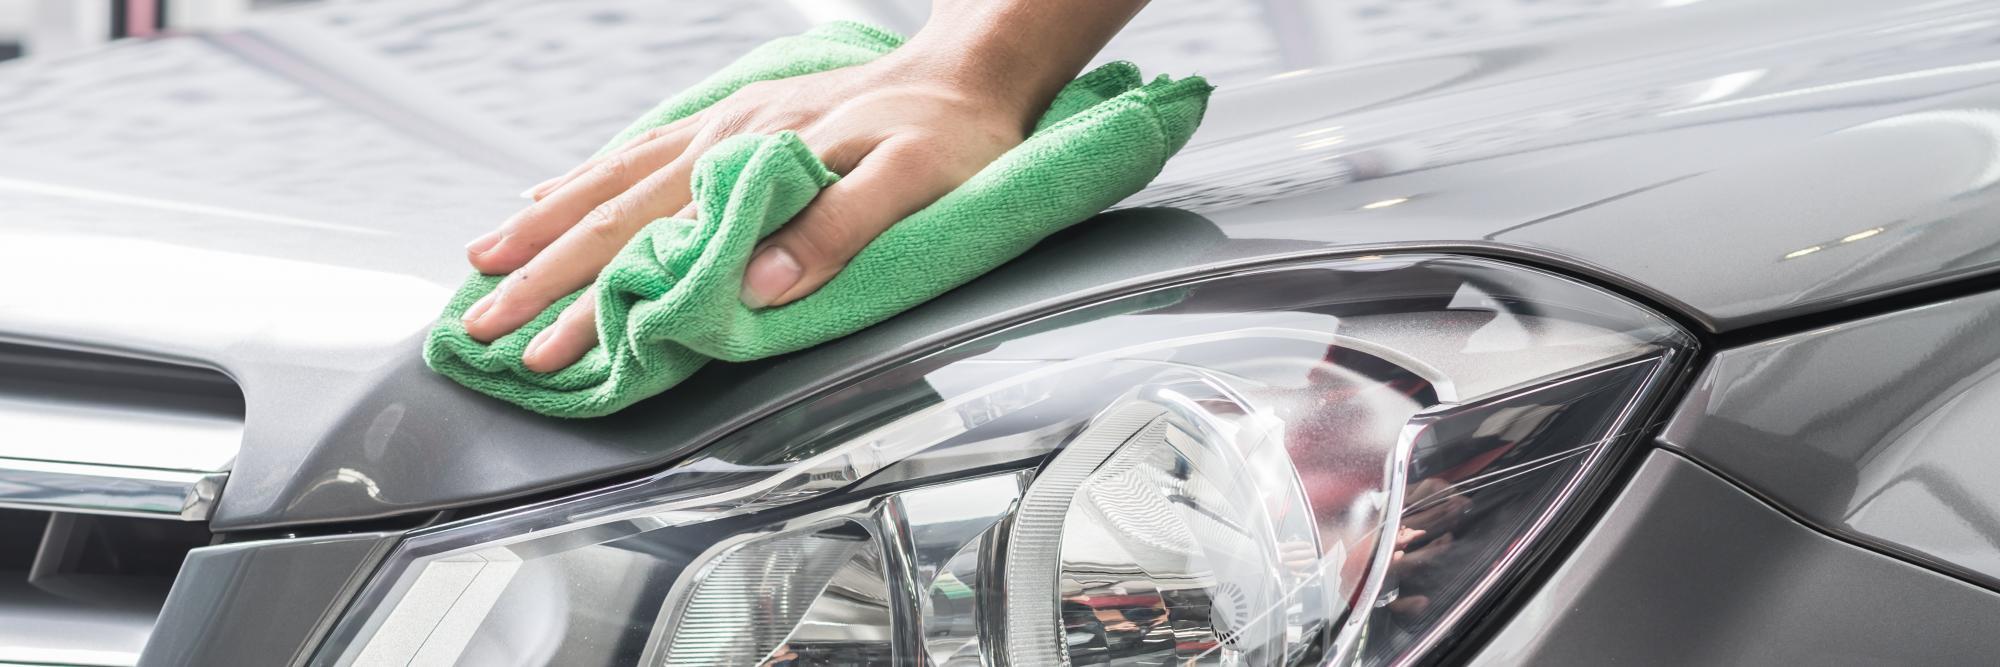 lavage de vehicules voitures et utilitaires